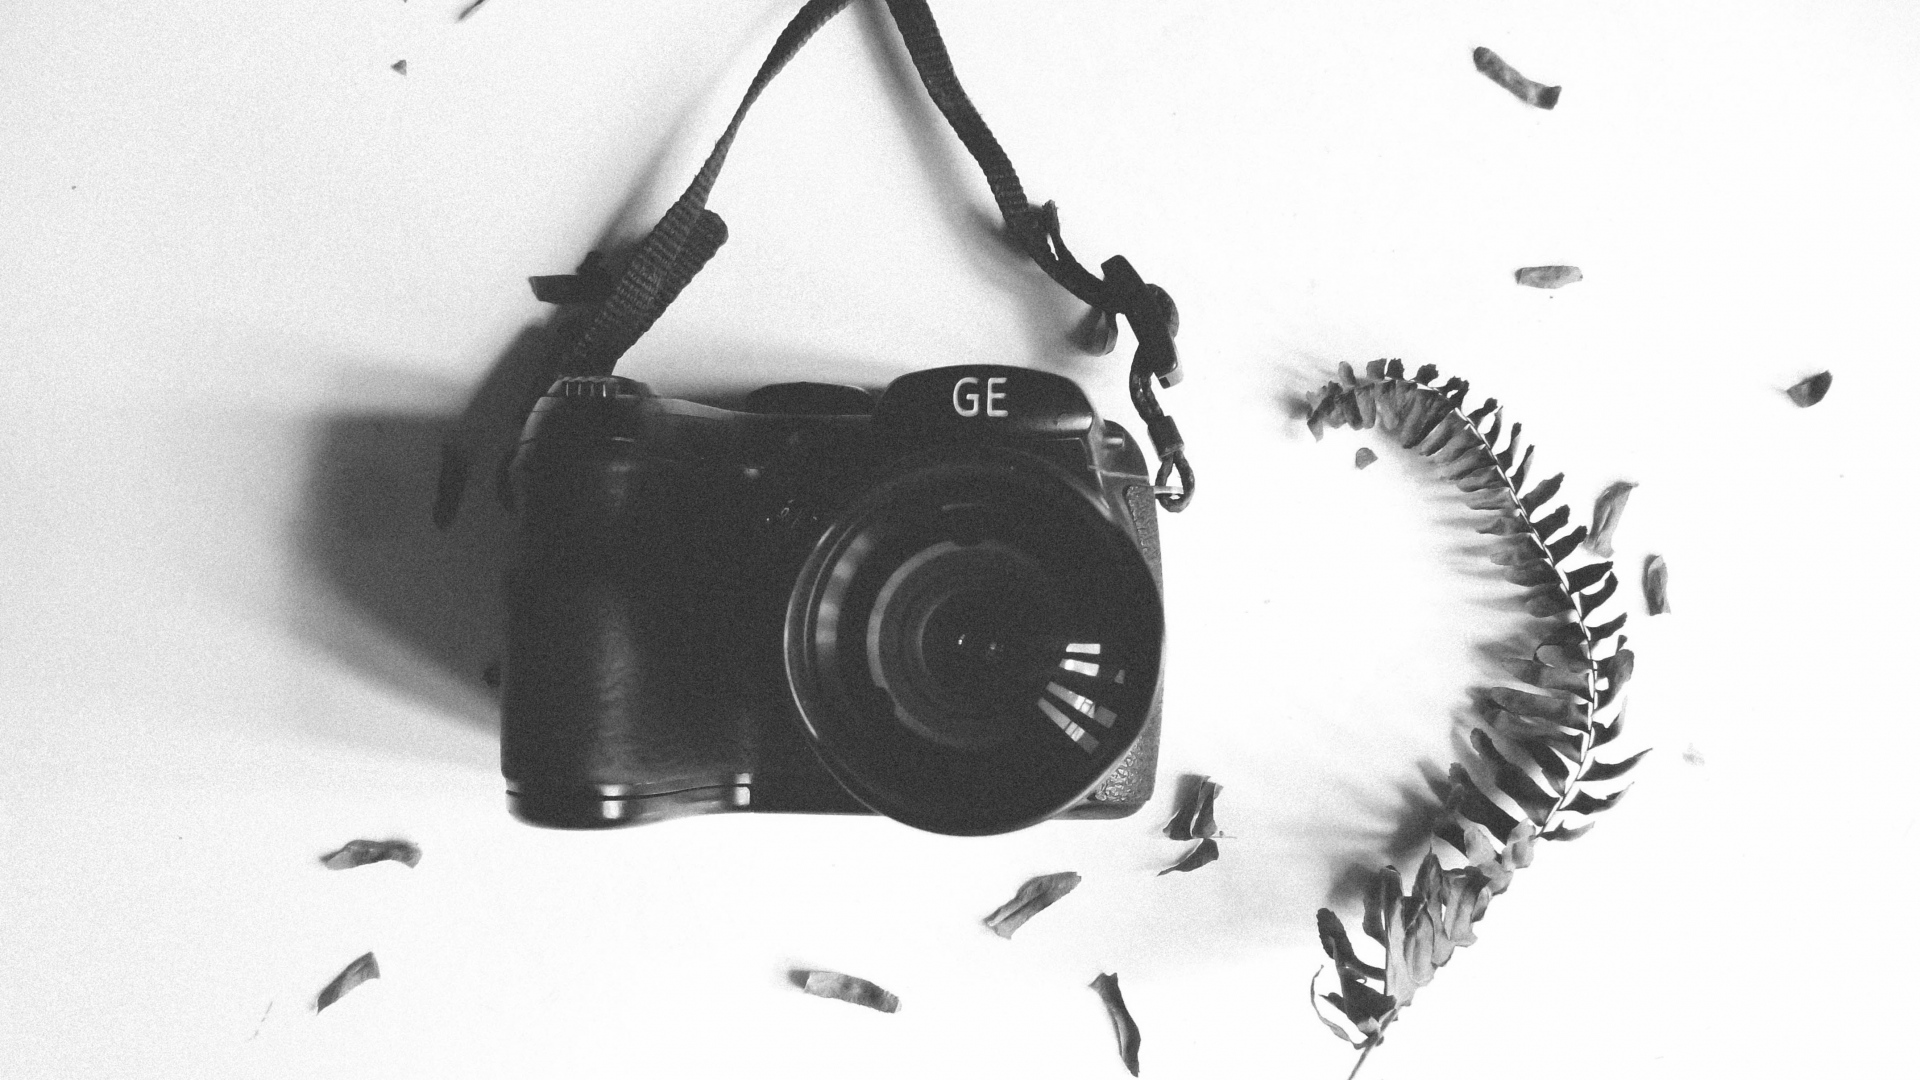 hd hintergrundbilder kamera blatt herbarium bw zweig 1920x1080